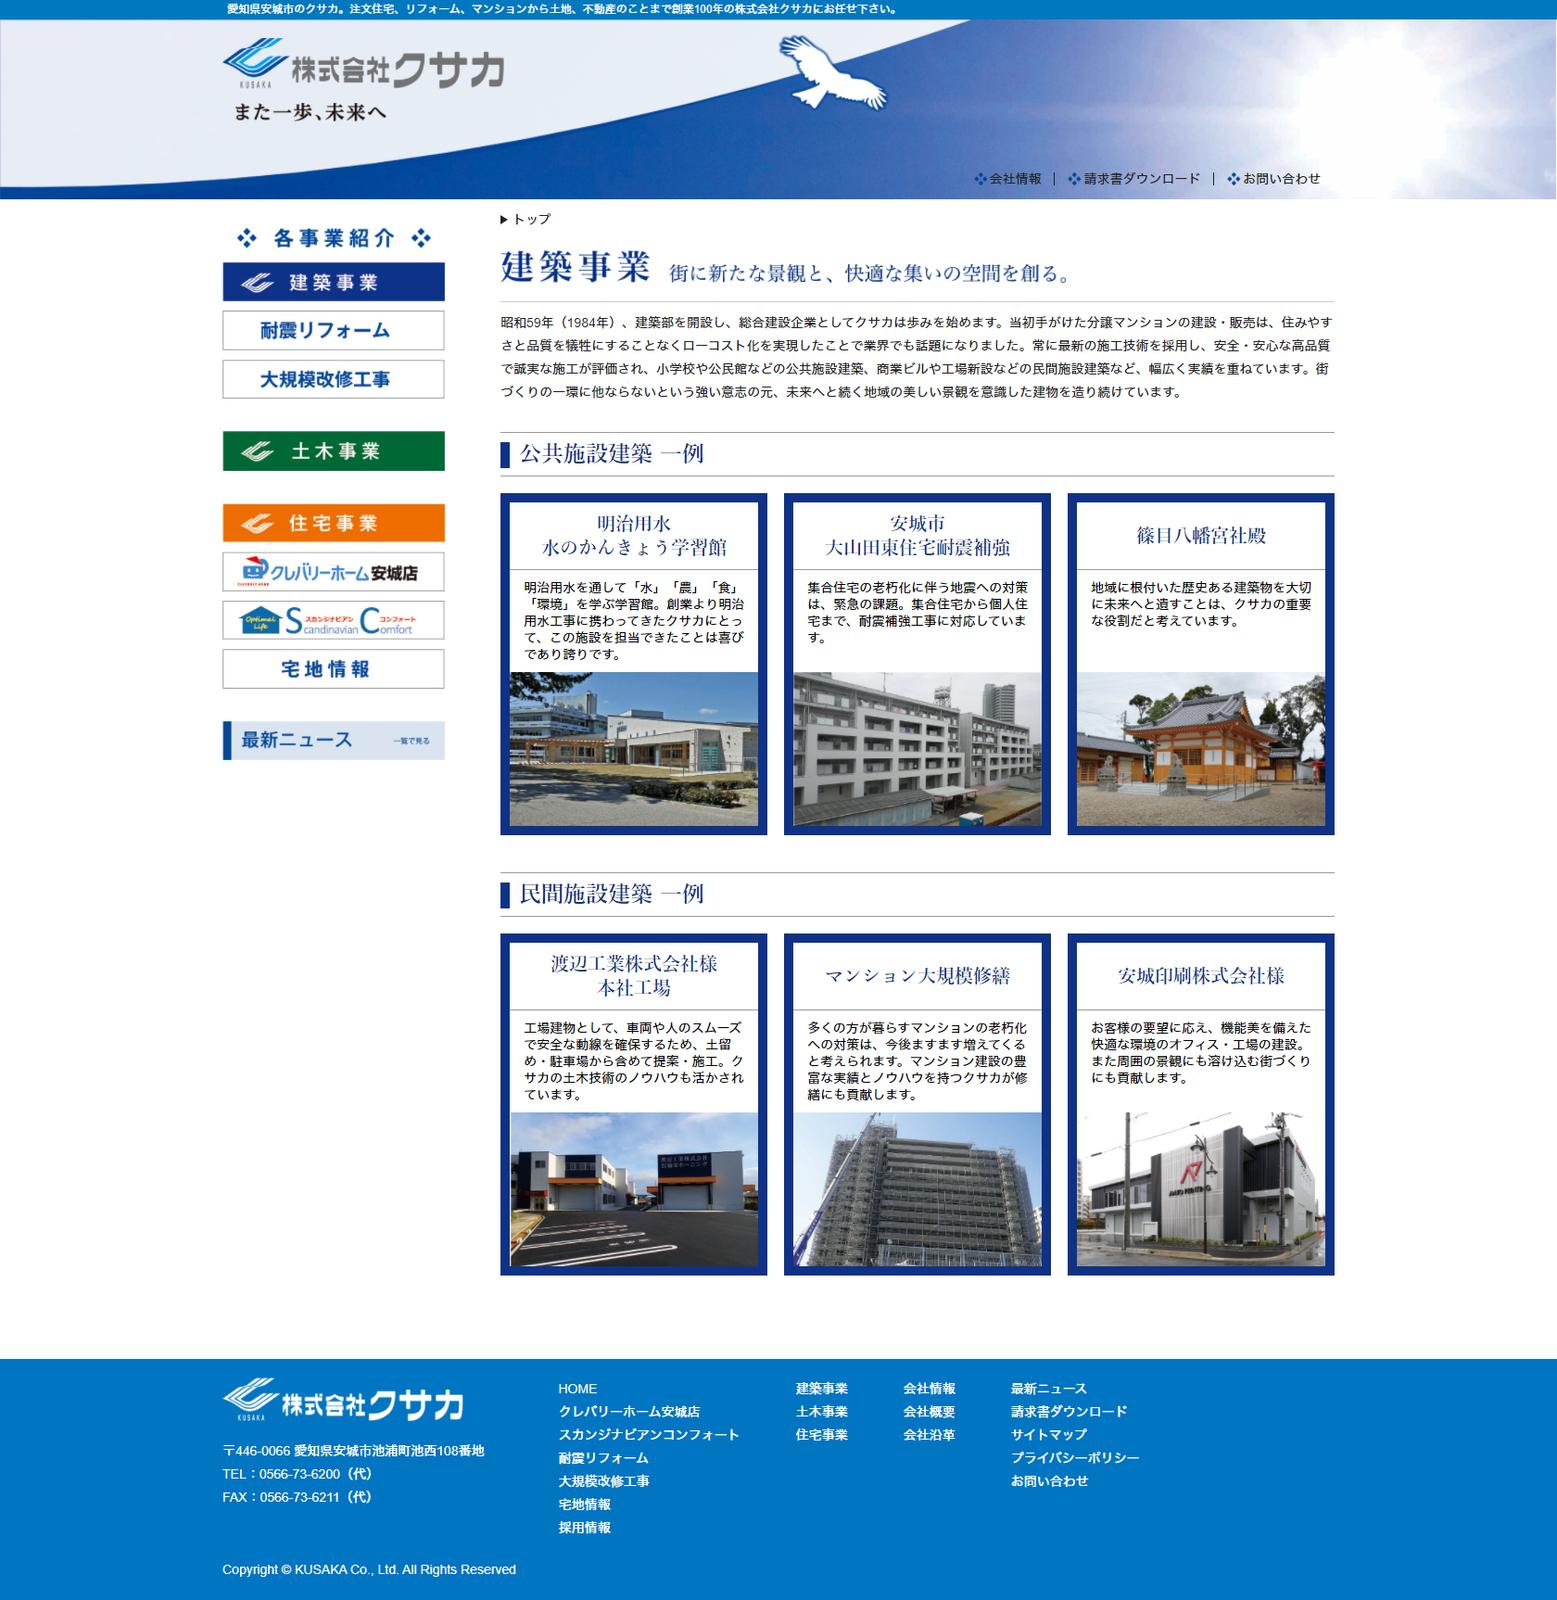 株式会社クサカ様 WEBサイト